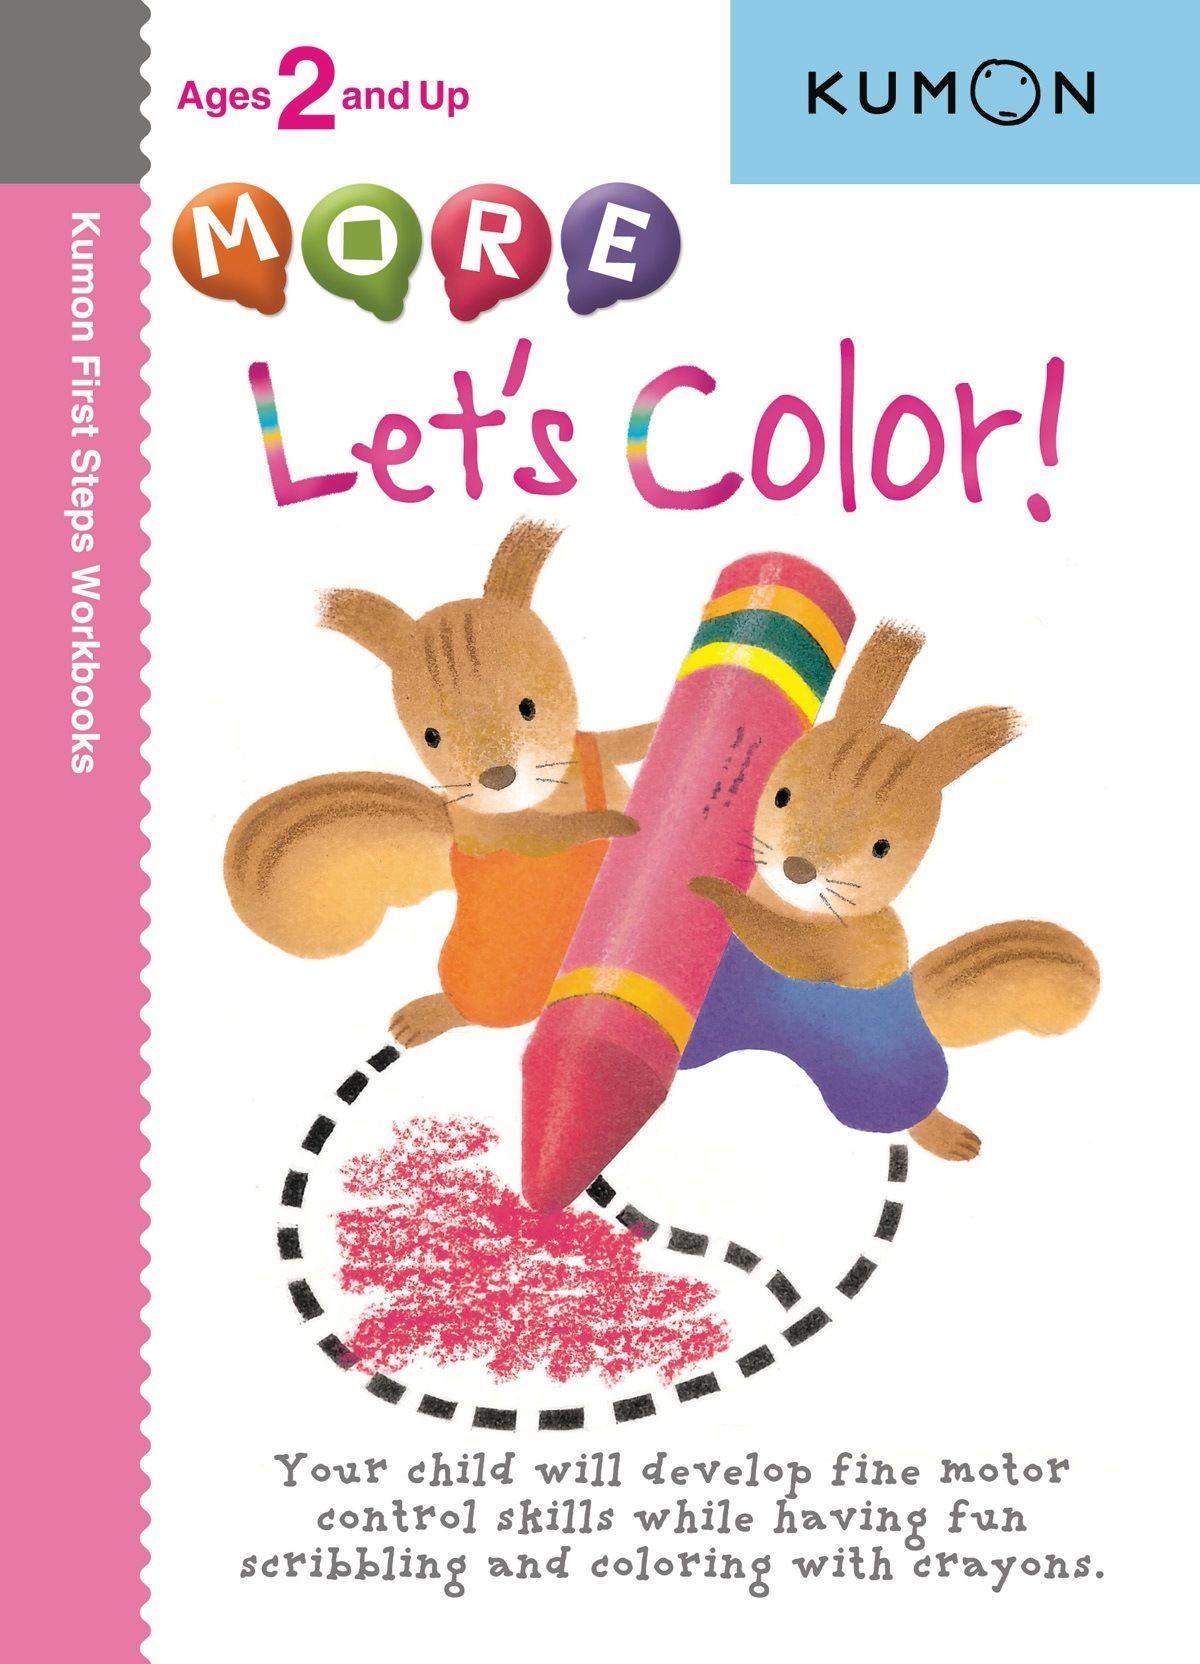 More Let S Color Kumon Childrens Books Activities Workbook [ 1664 x 1200 Pixel ]